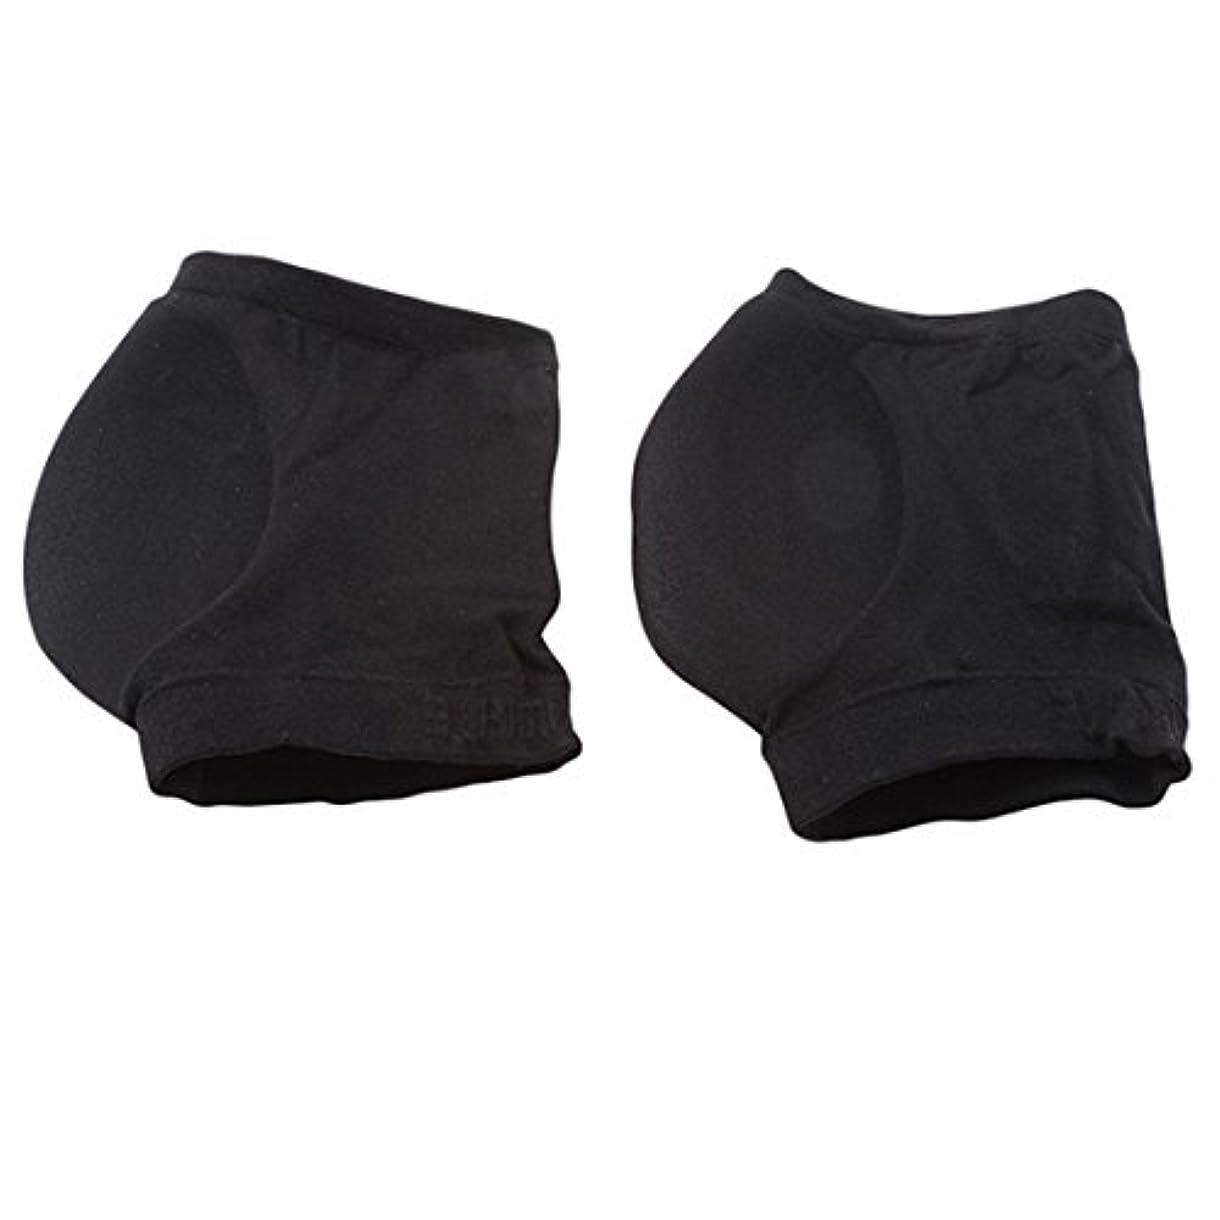 殉教者開いたおもしろいKLUMA 靴下 かかと ソックス 角質ケア うるおい 保湿 角質除去 足ケア レディース メンズ